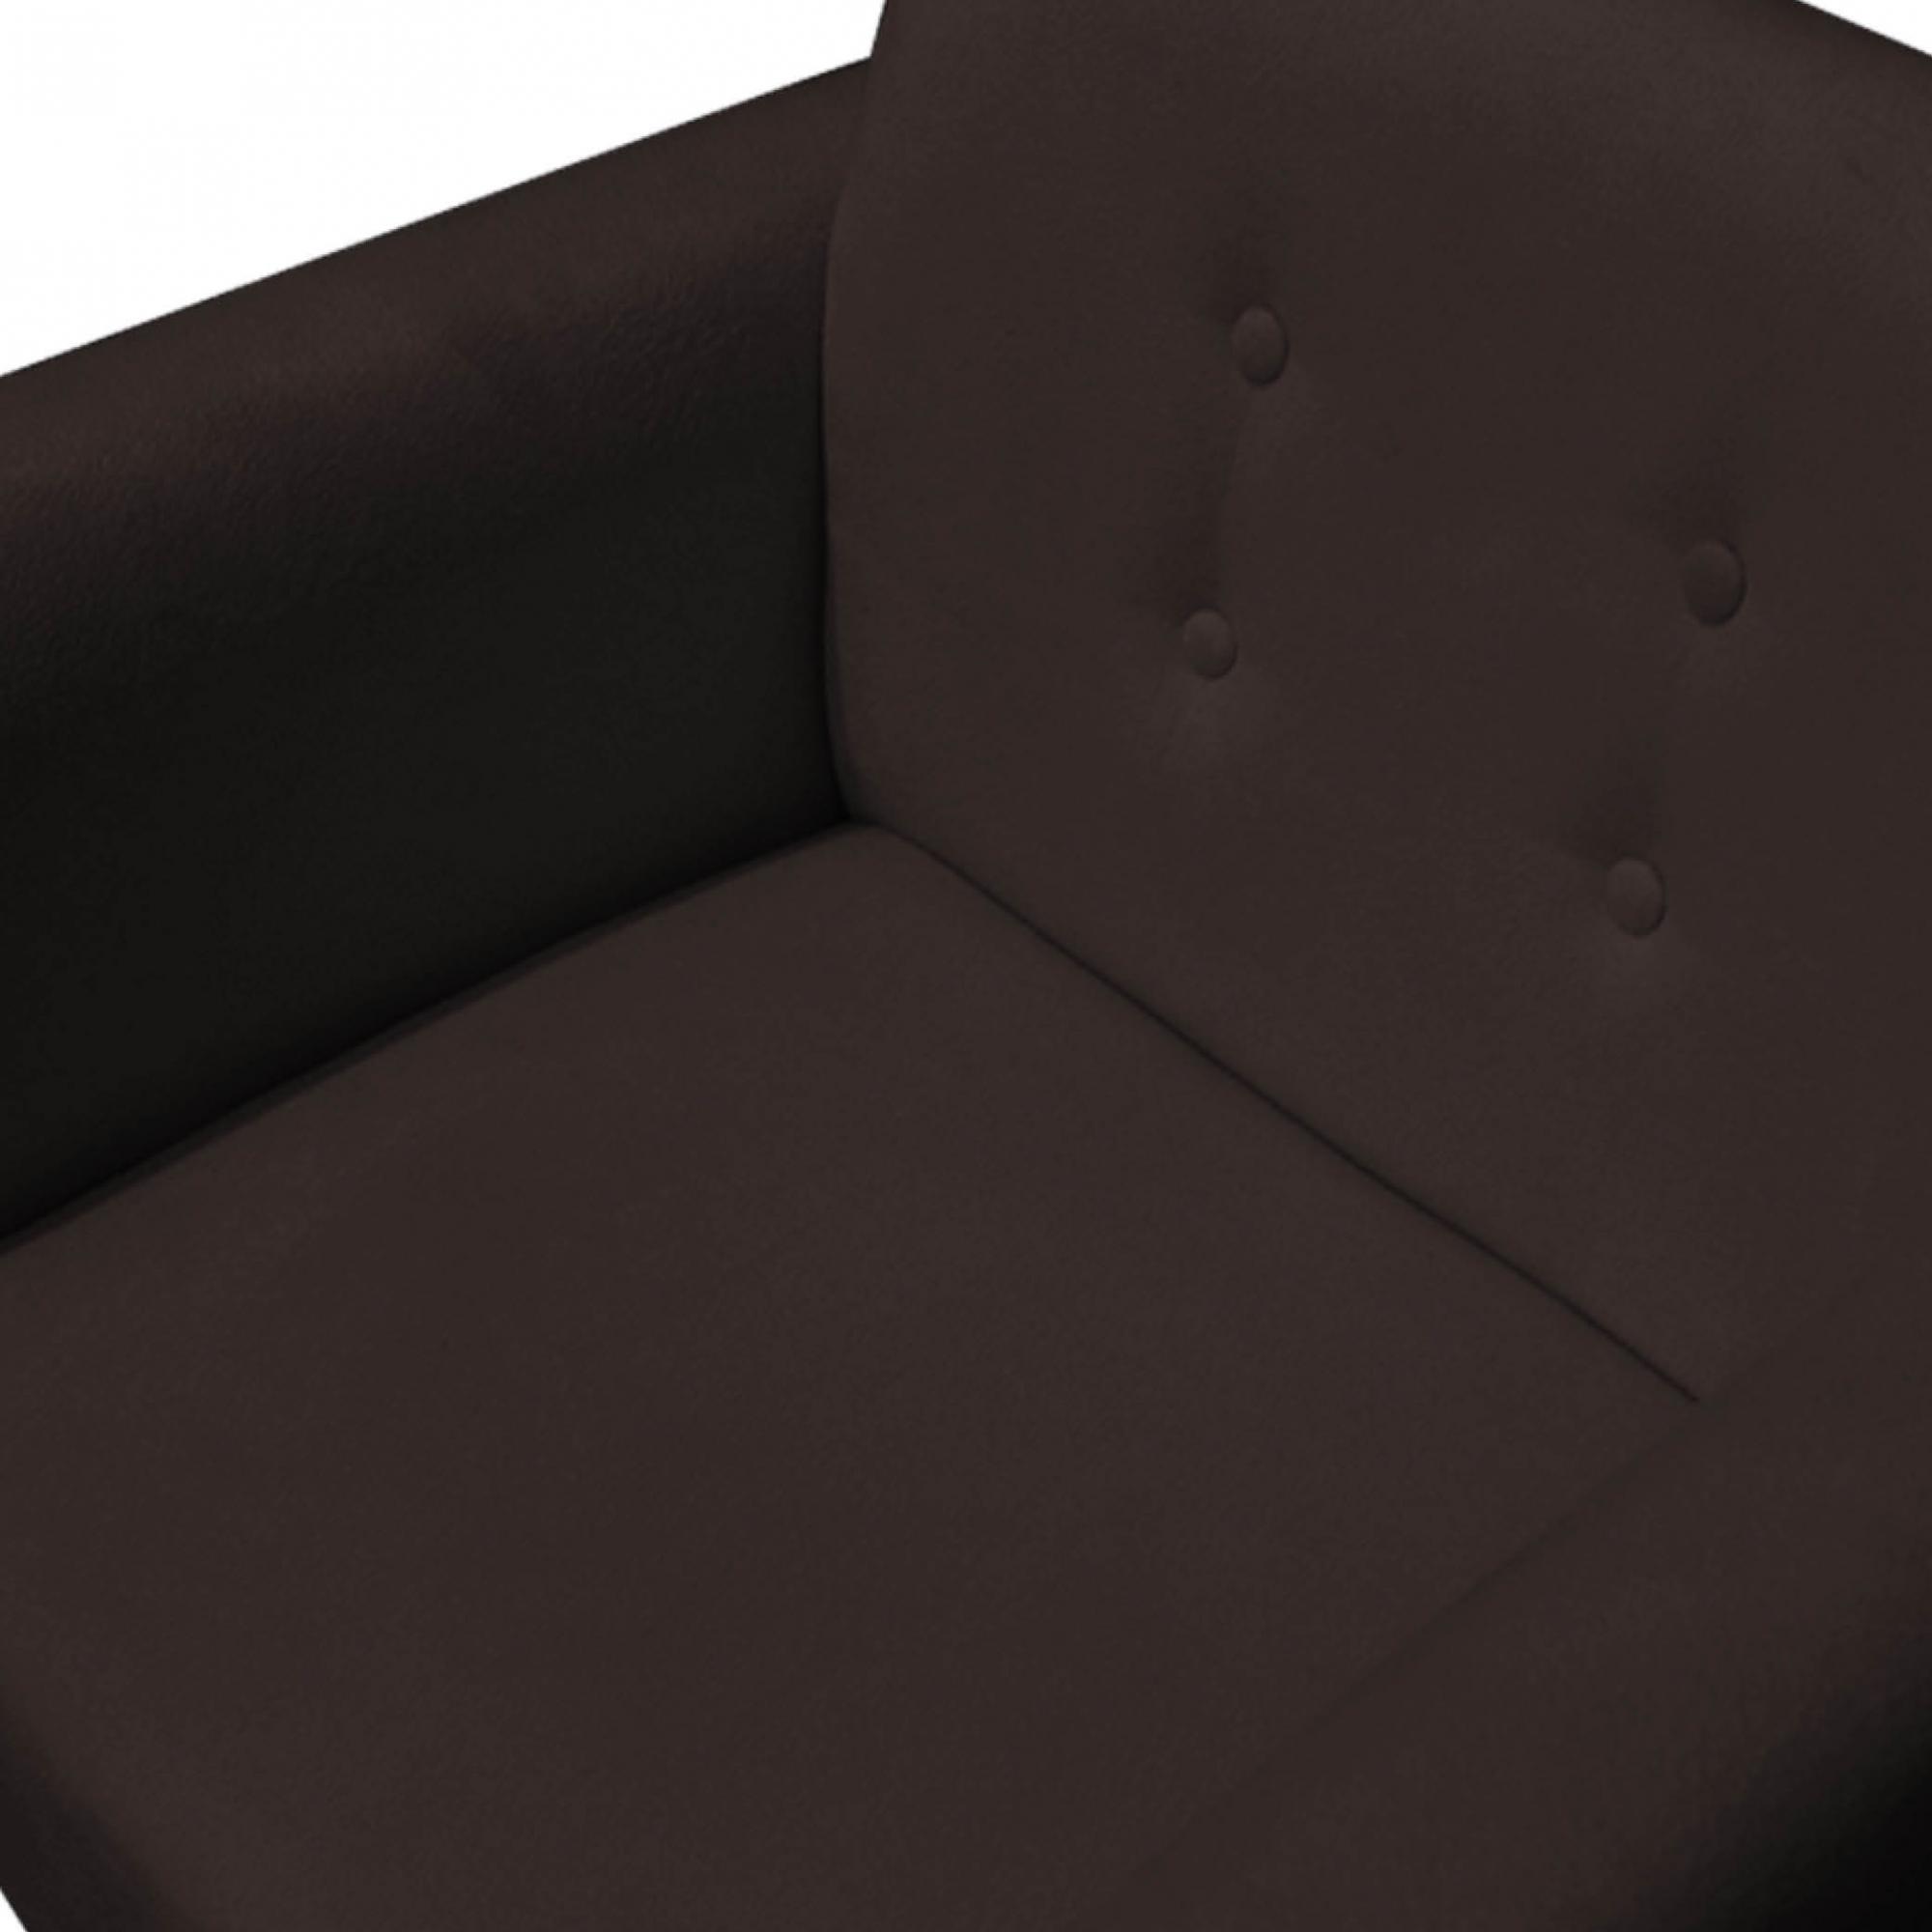 Kit 3 Poltrona Duda Decoraçâo Pé Palito Cadeira Recepção Escritório Clinica D'Classe Decor Suede Marrom